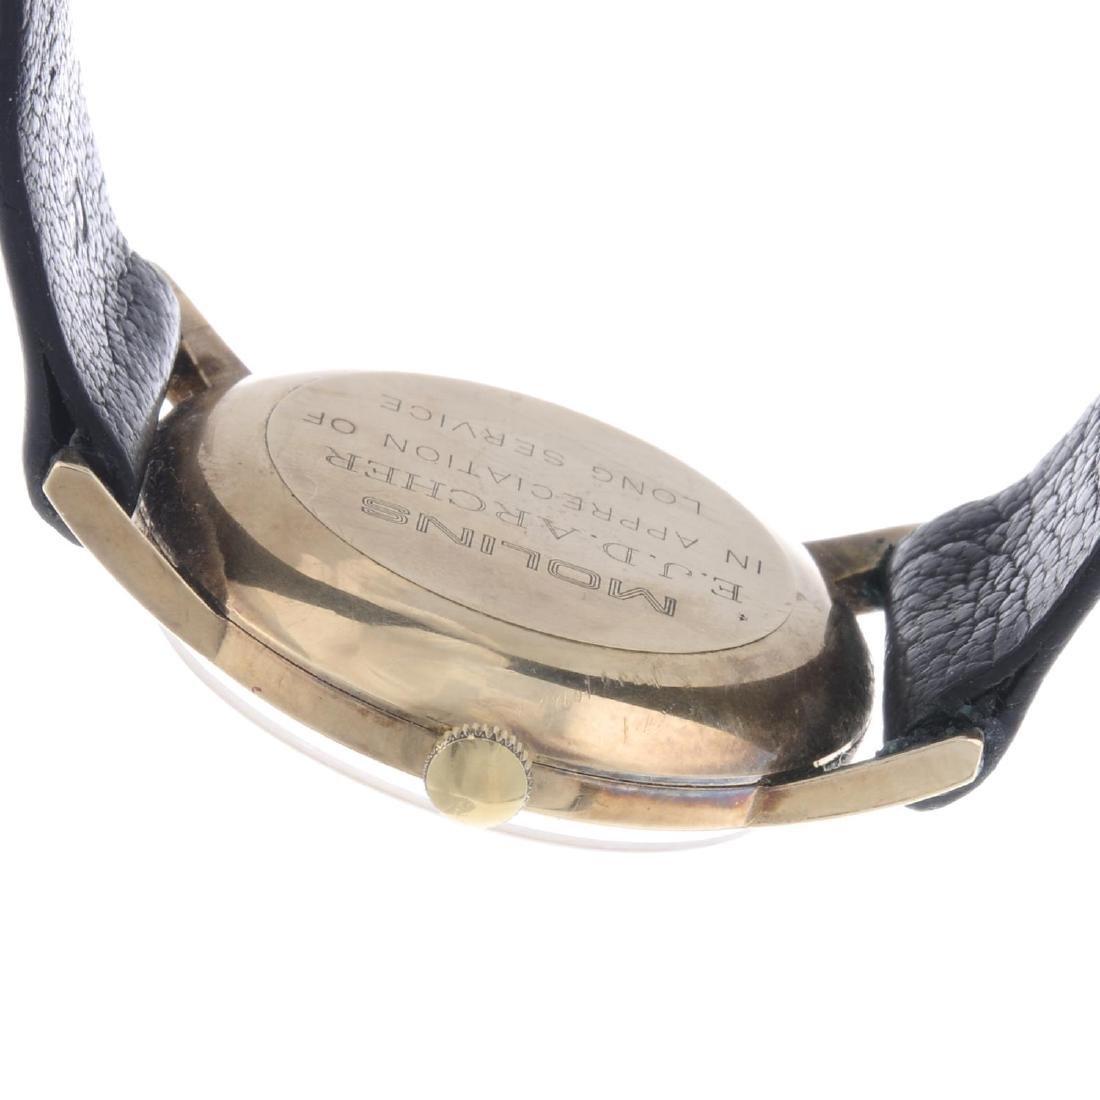 GARRARD - a gentleman's wrist watch. 9ct yellow gold - 2